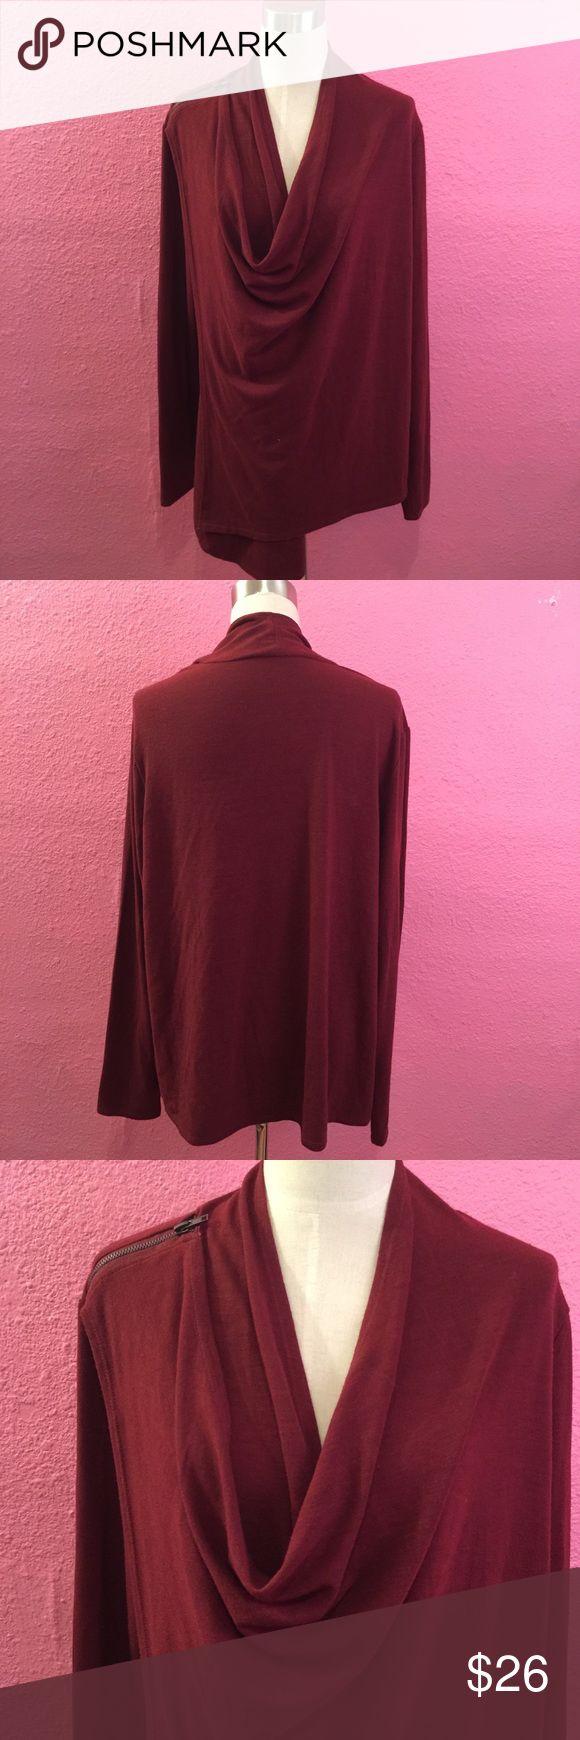 Draped light weight jacket sweater Draped light weight jacket sweater. Maroon. wine Nancy O Dell Tops Sweatshirts & Hoodies